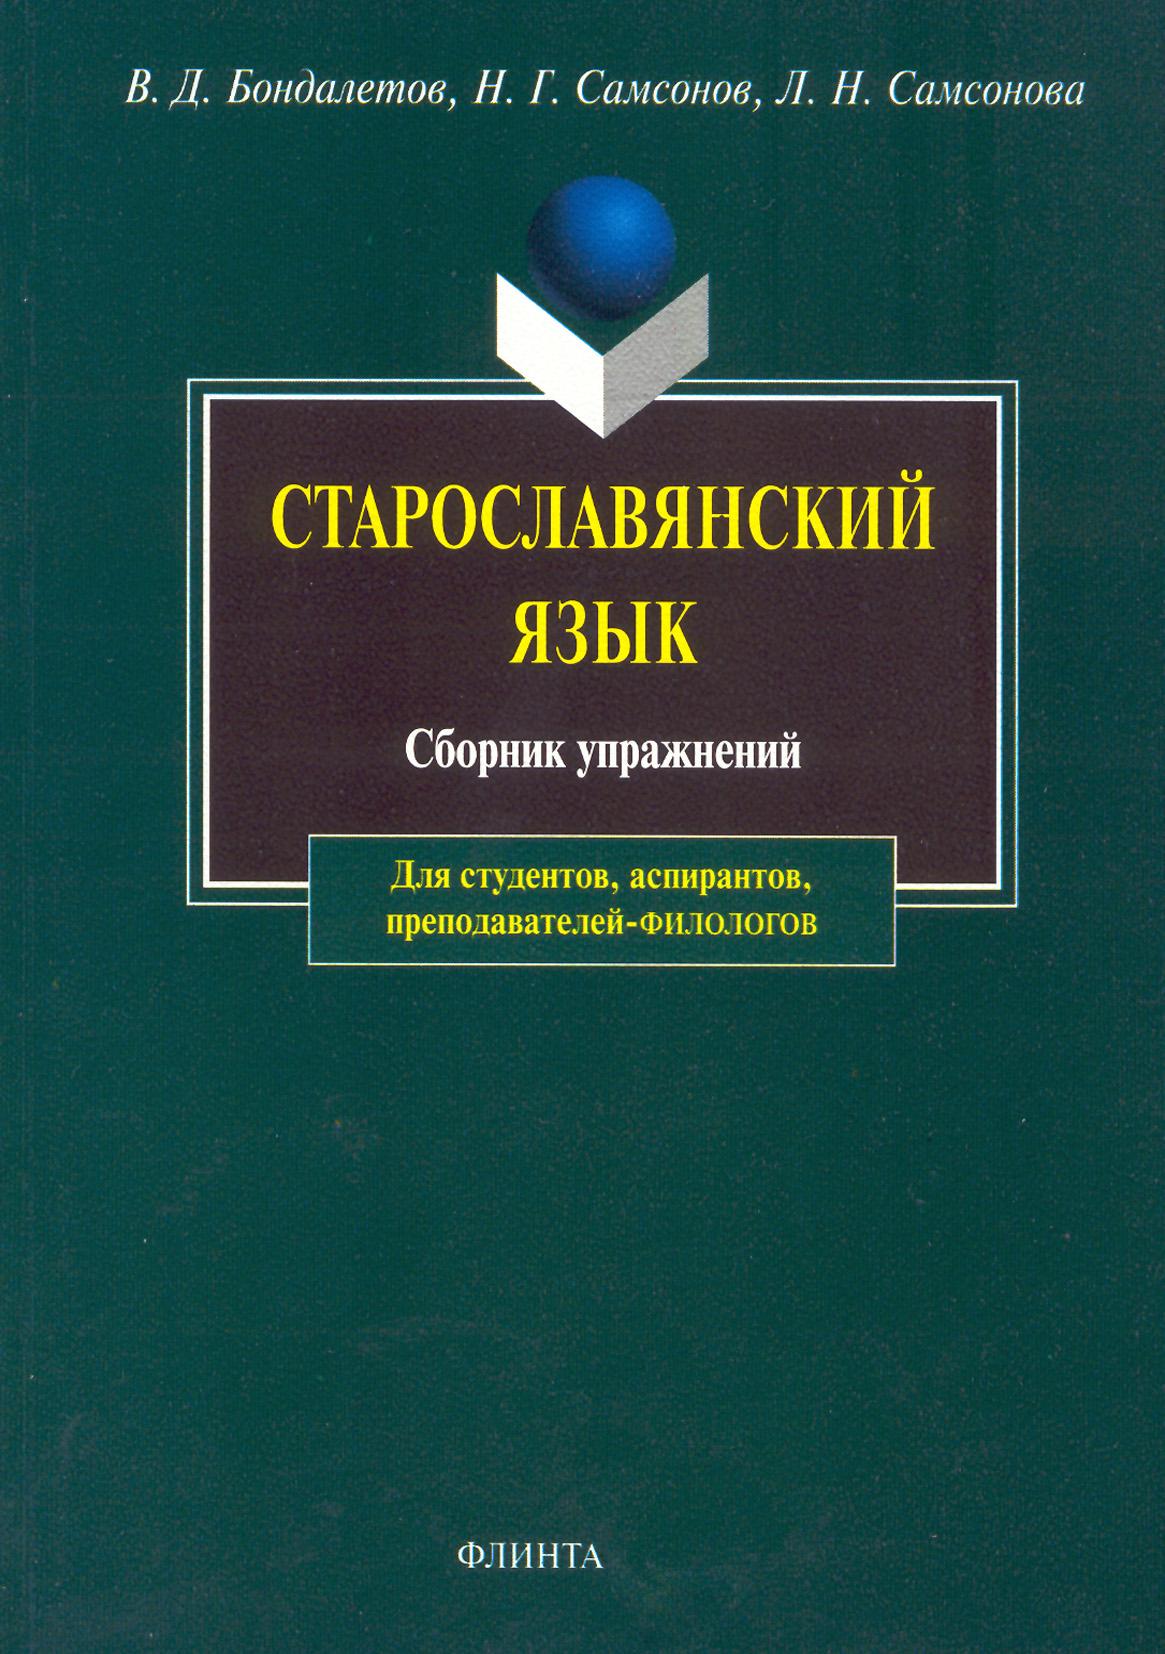 Старославянский язык. Сборник упражнений